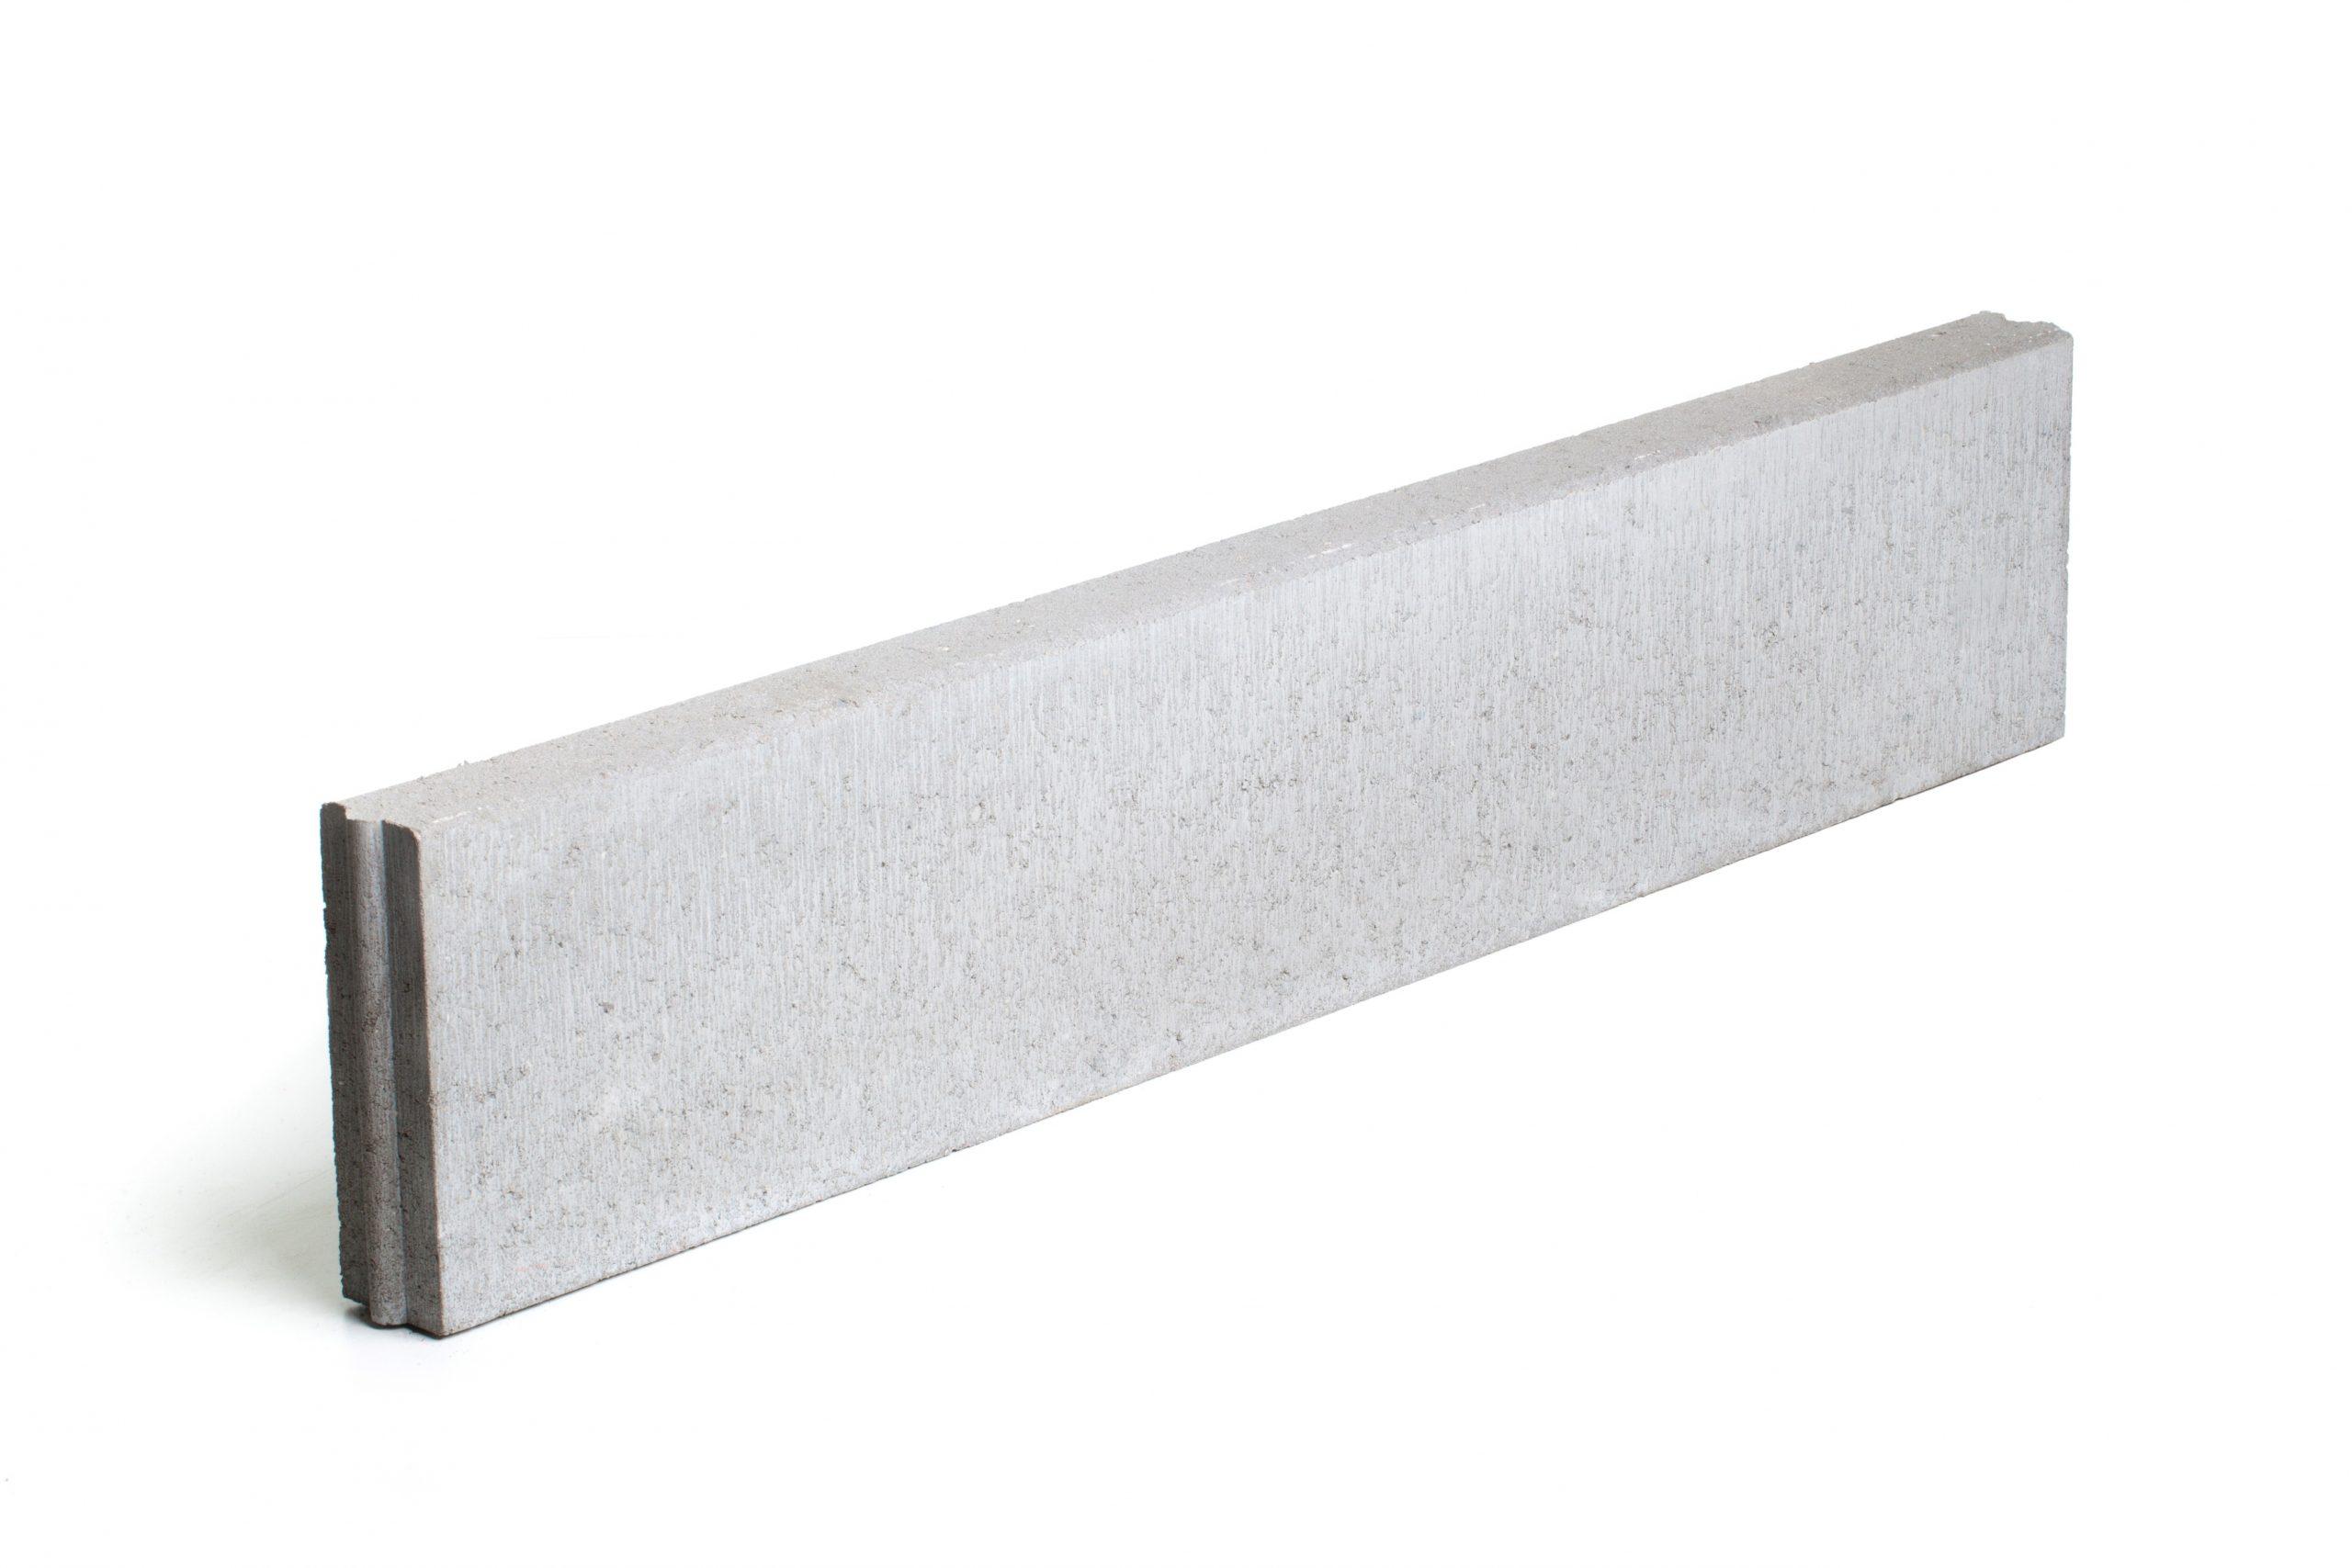 Bordure En Béton Grise 100 X 30 X 6 Cm - Mr.bricolage pour Bordure Beton 1M